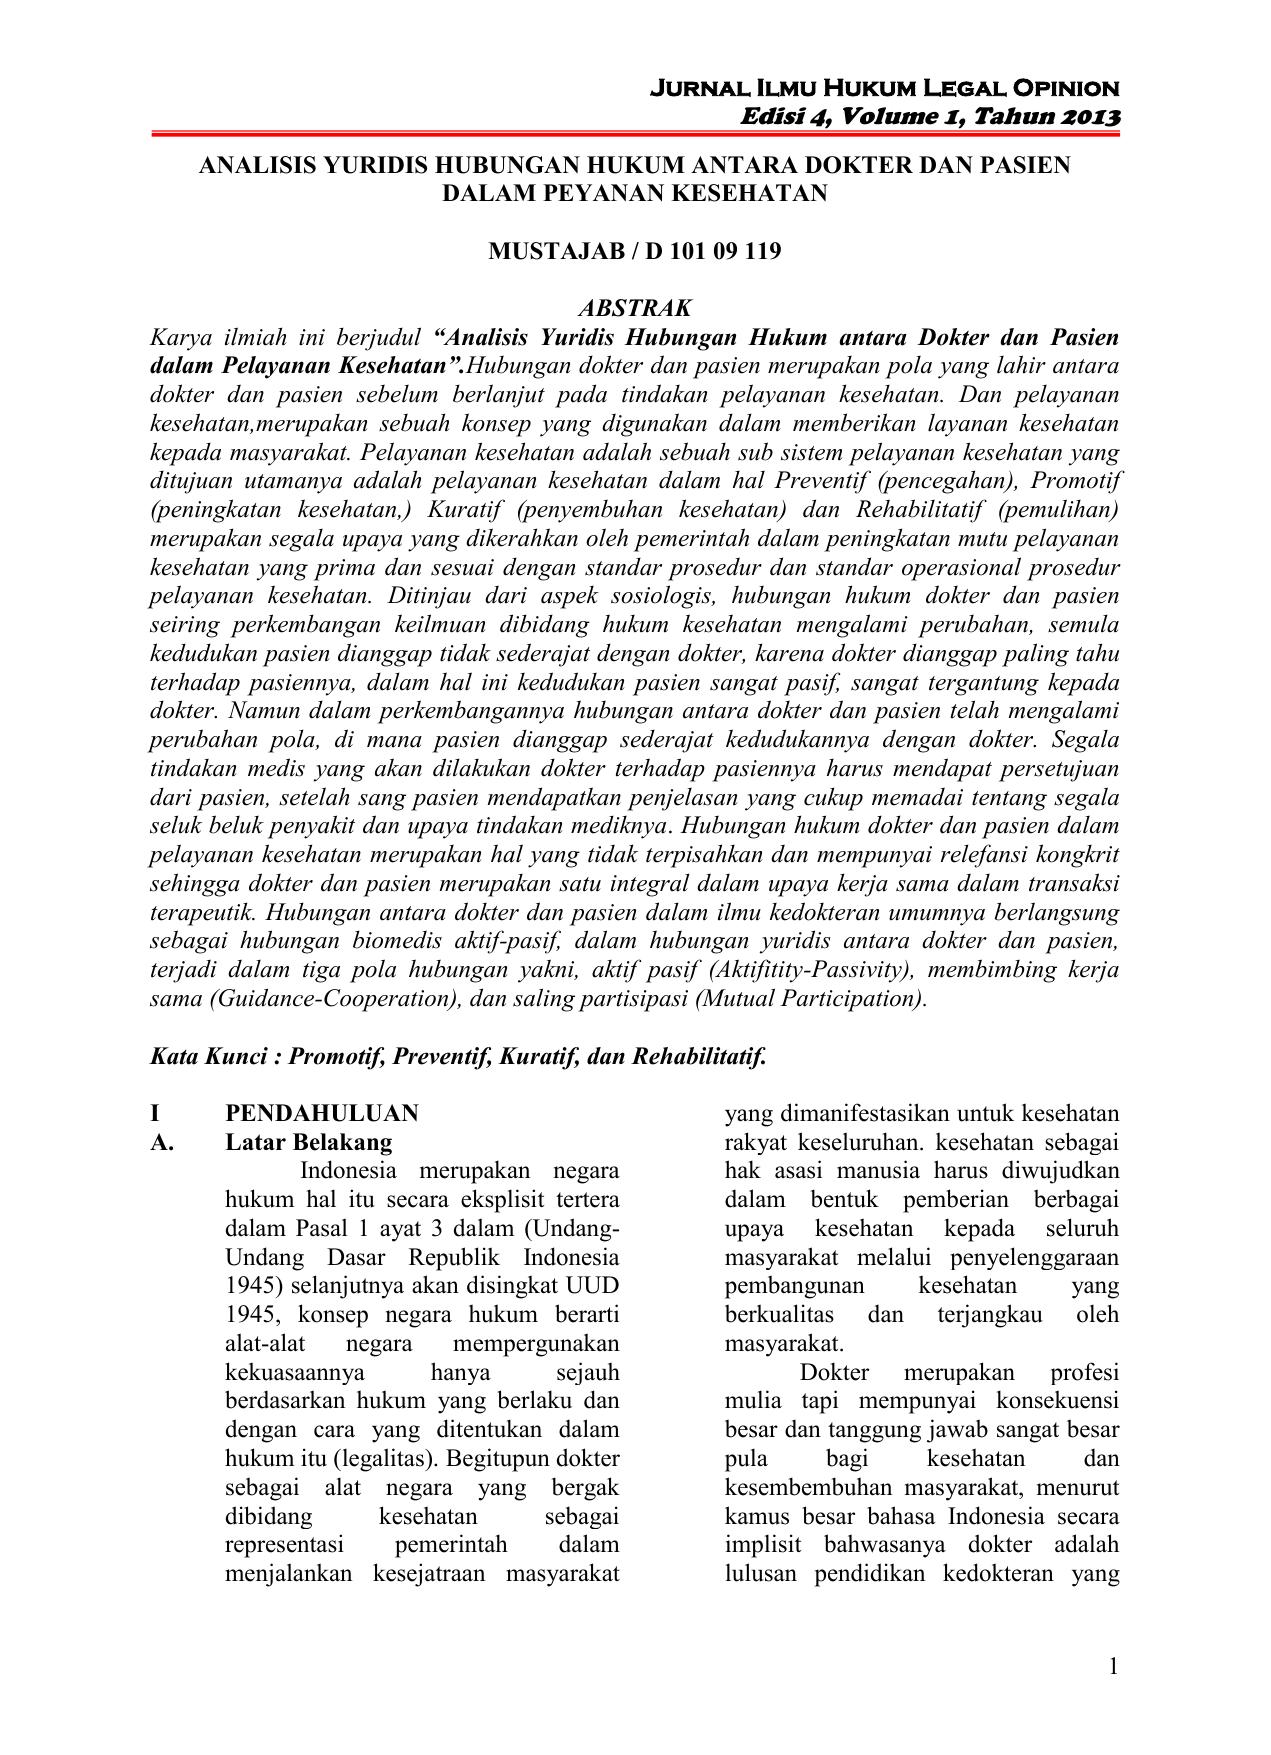 Jurnal Ilmu Hukum Legal Opinion Edisi 4 Volume 1